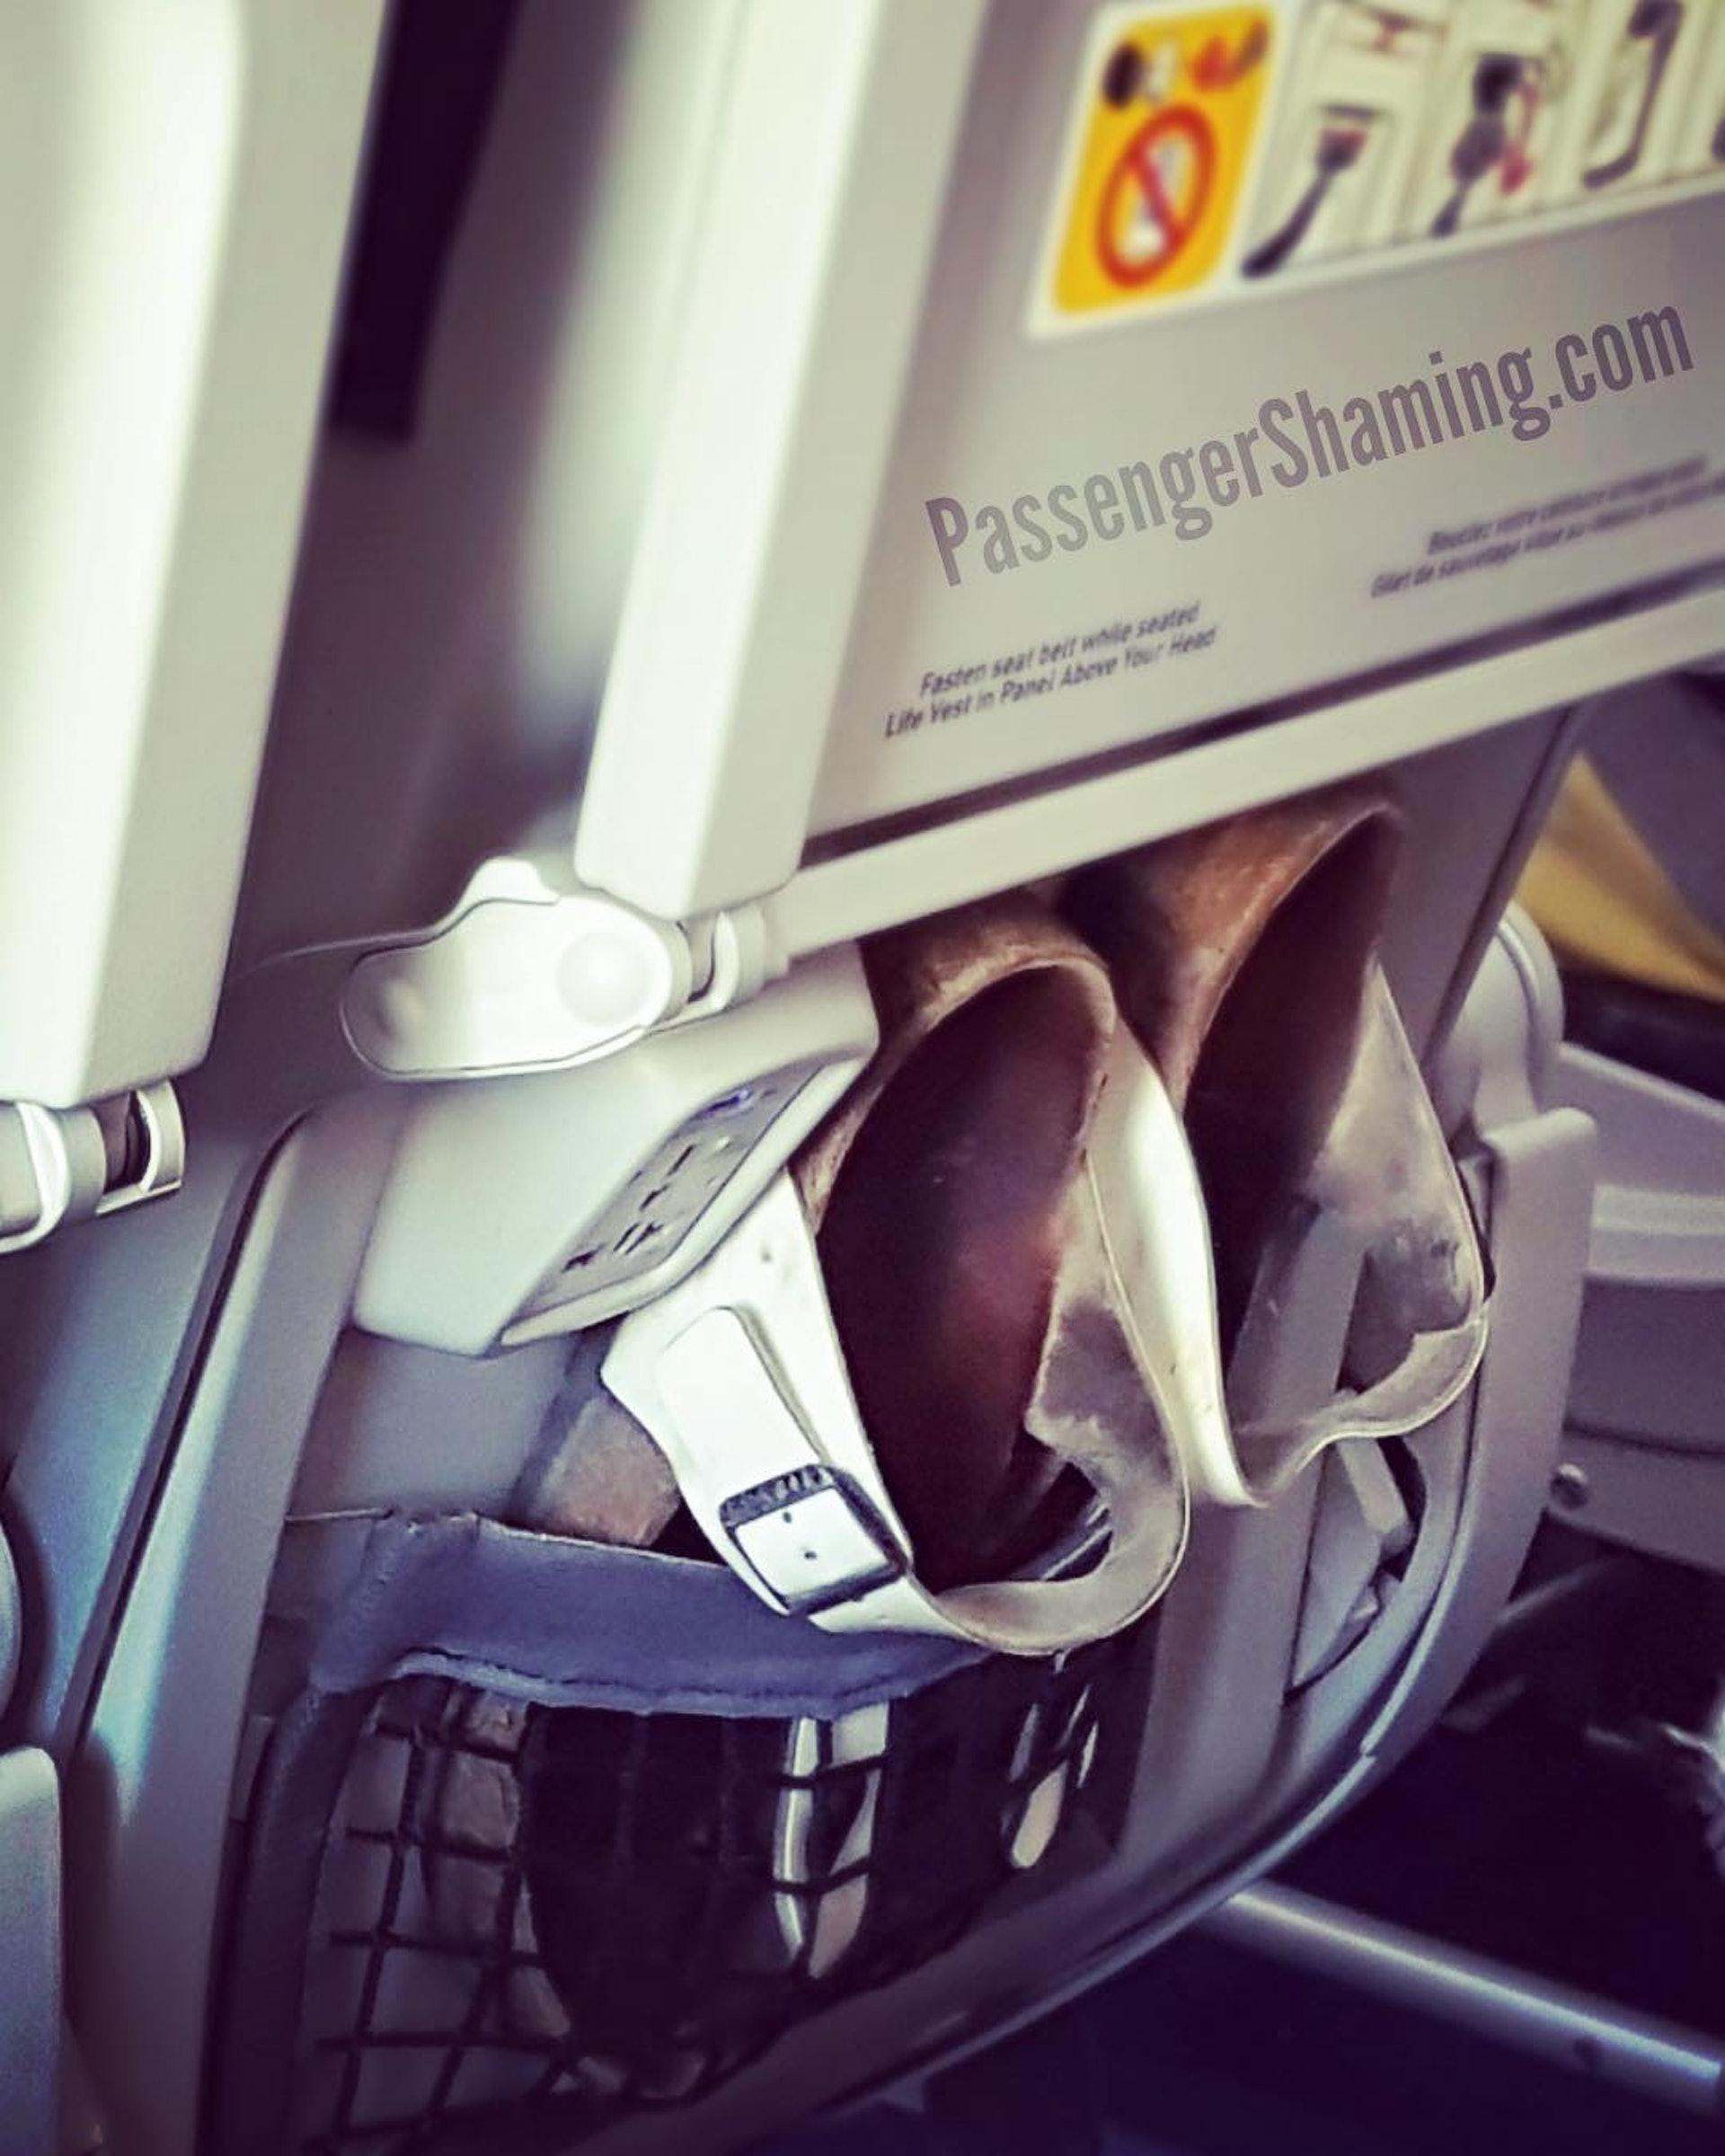 自製鞋袋|機艙上暗藏細菌,都是真的!(圖片來源:passengershaming@ig)